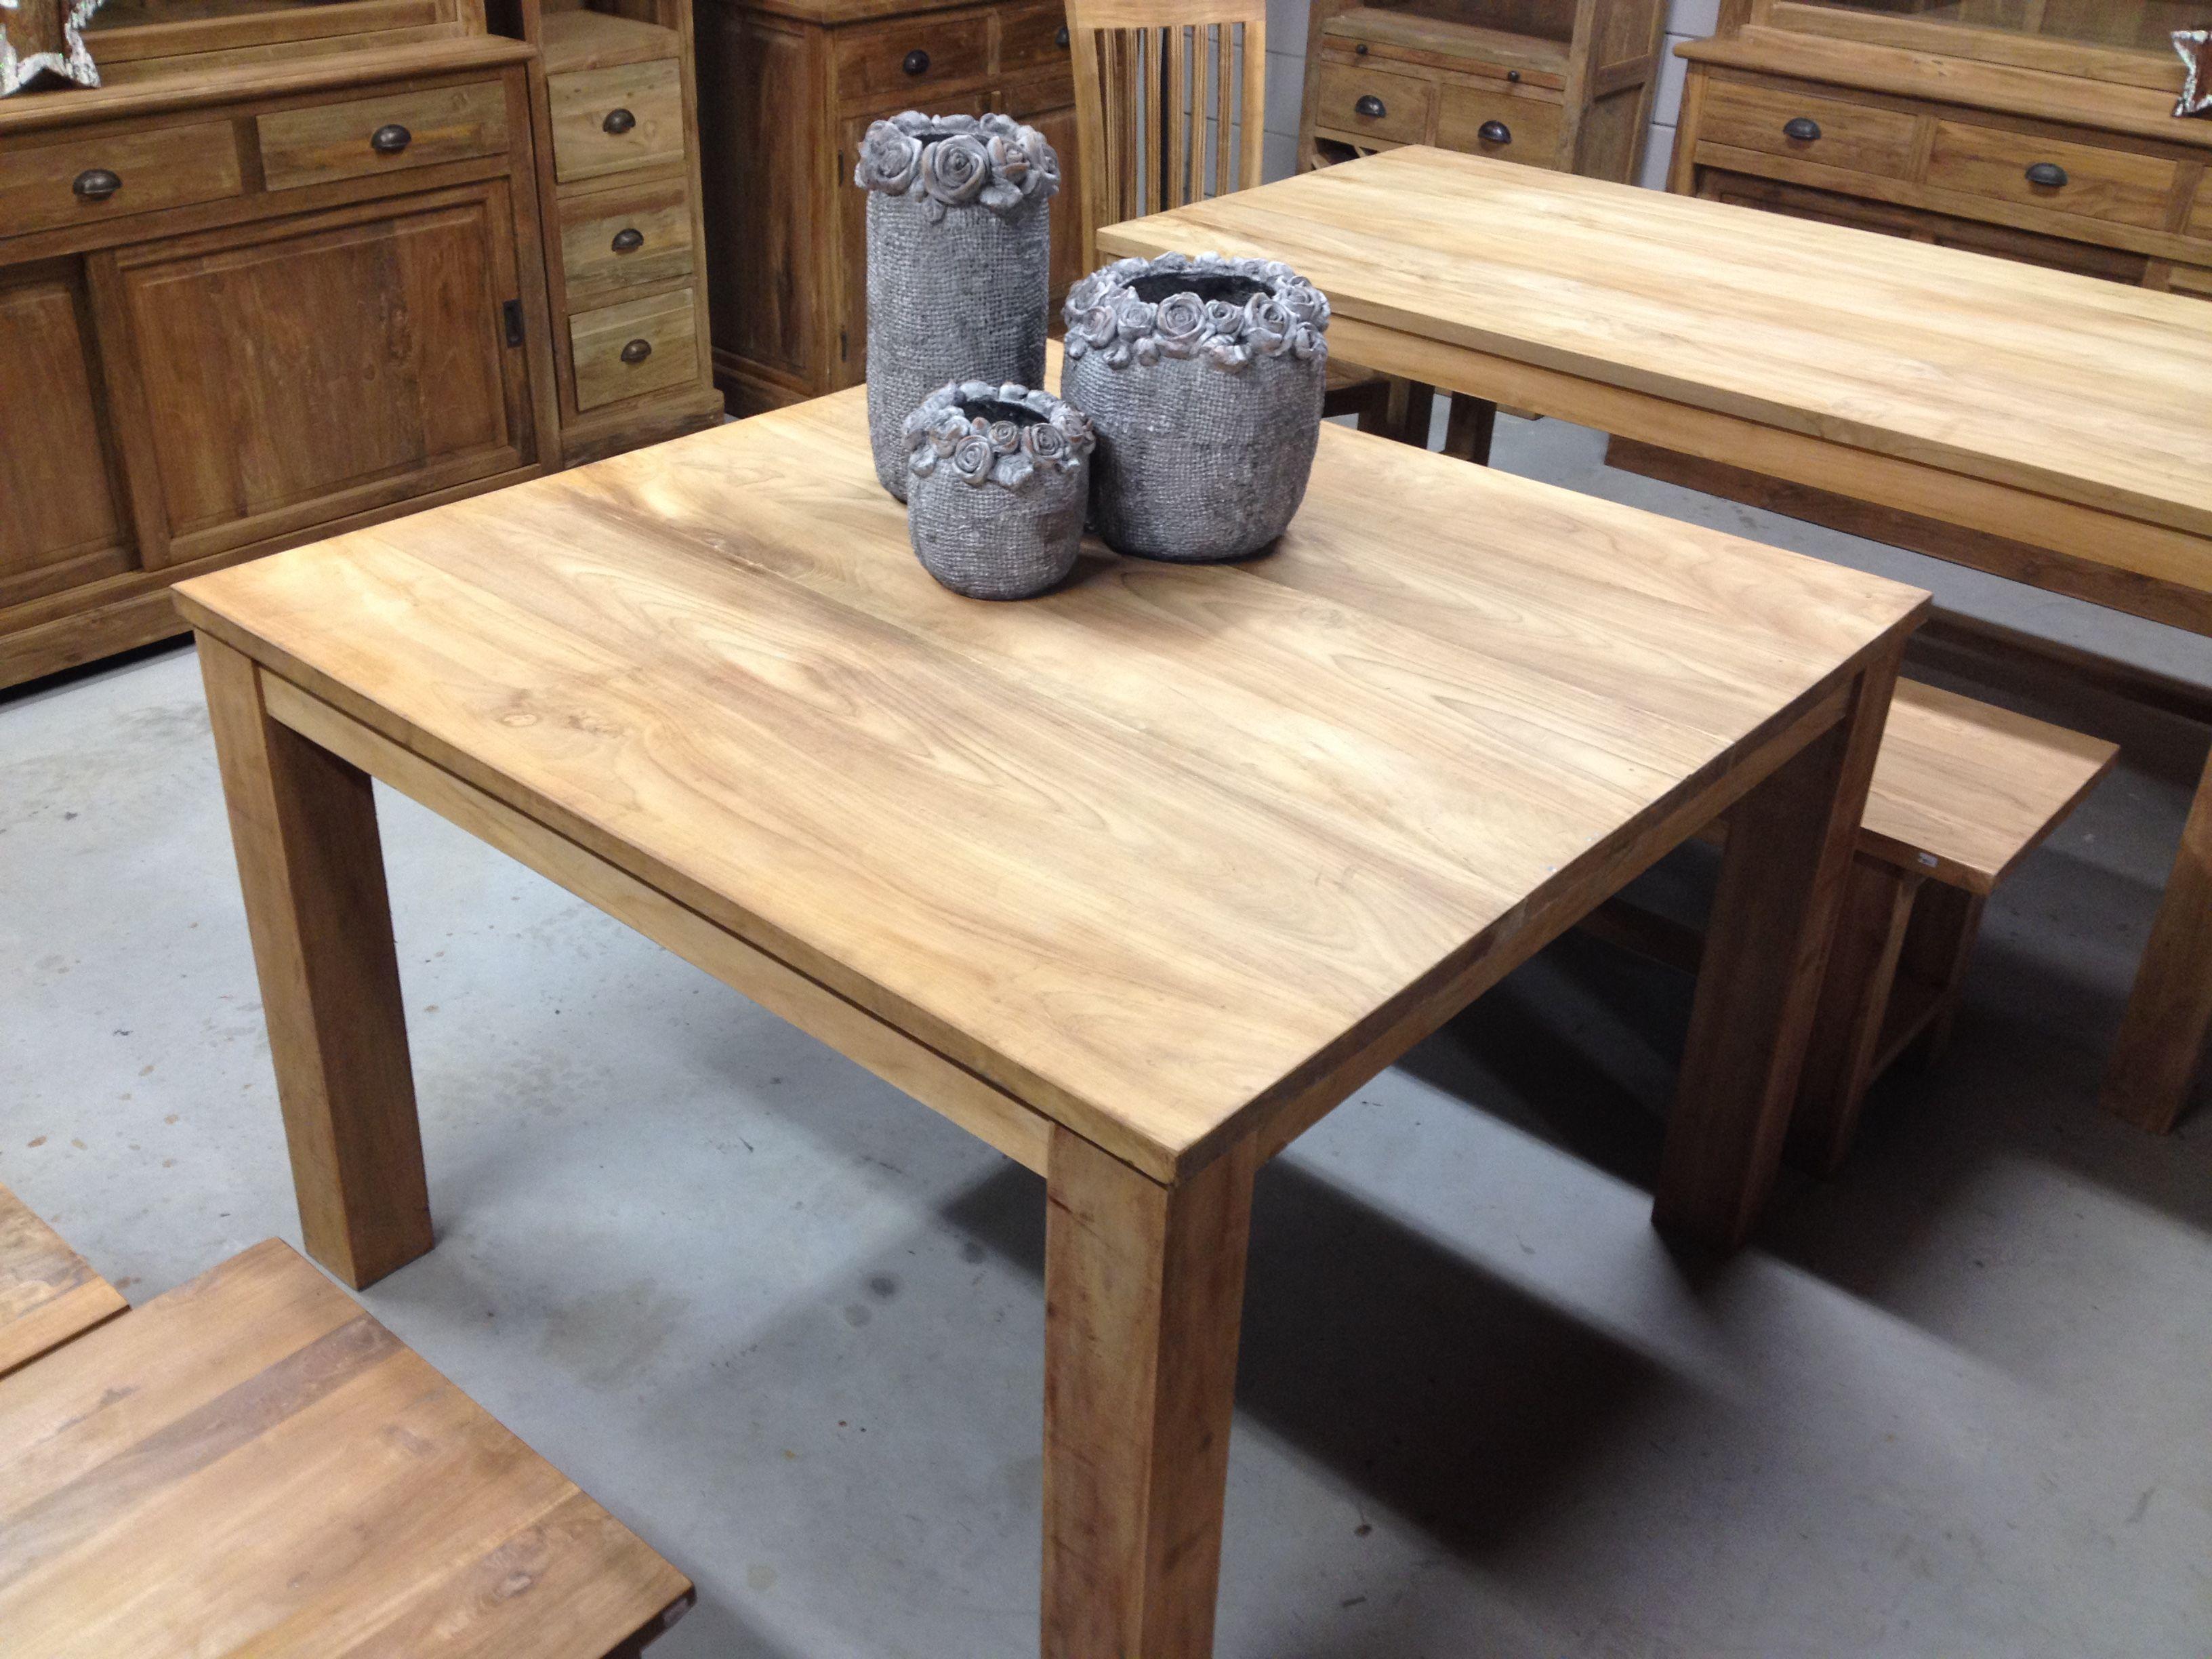 Teak Vierkante Eettafel.Eettafel Vierkant Met Blokpoten Polder Teak Tafels